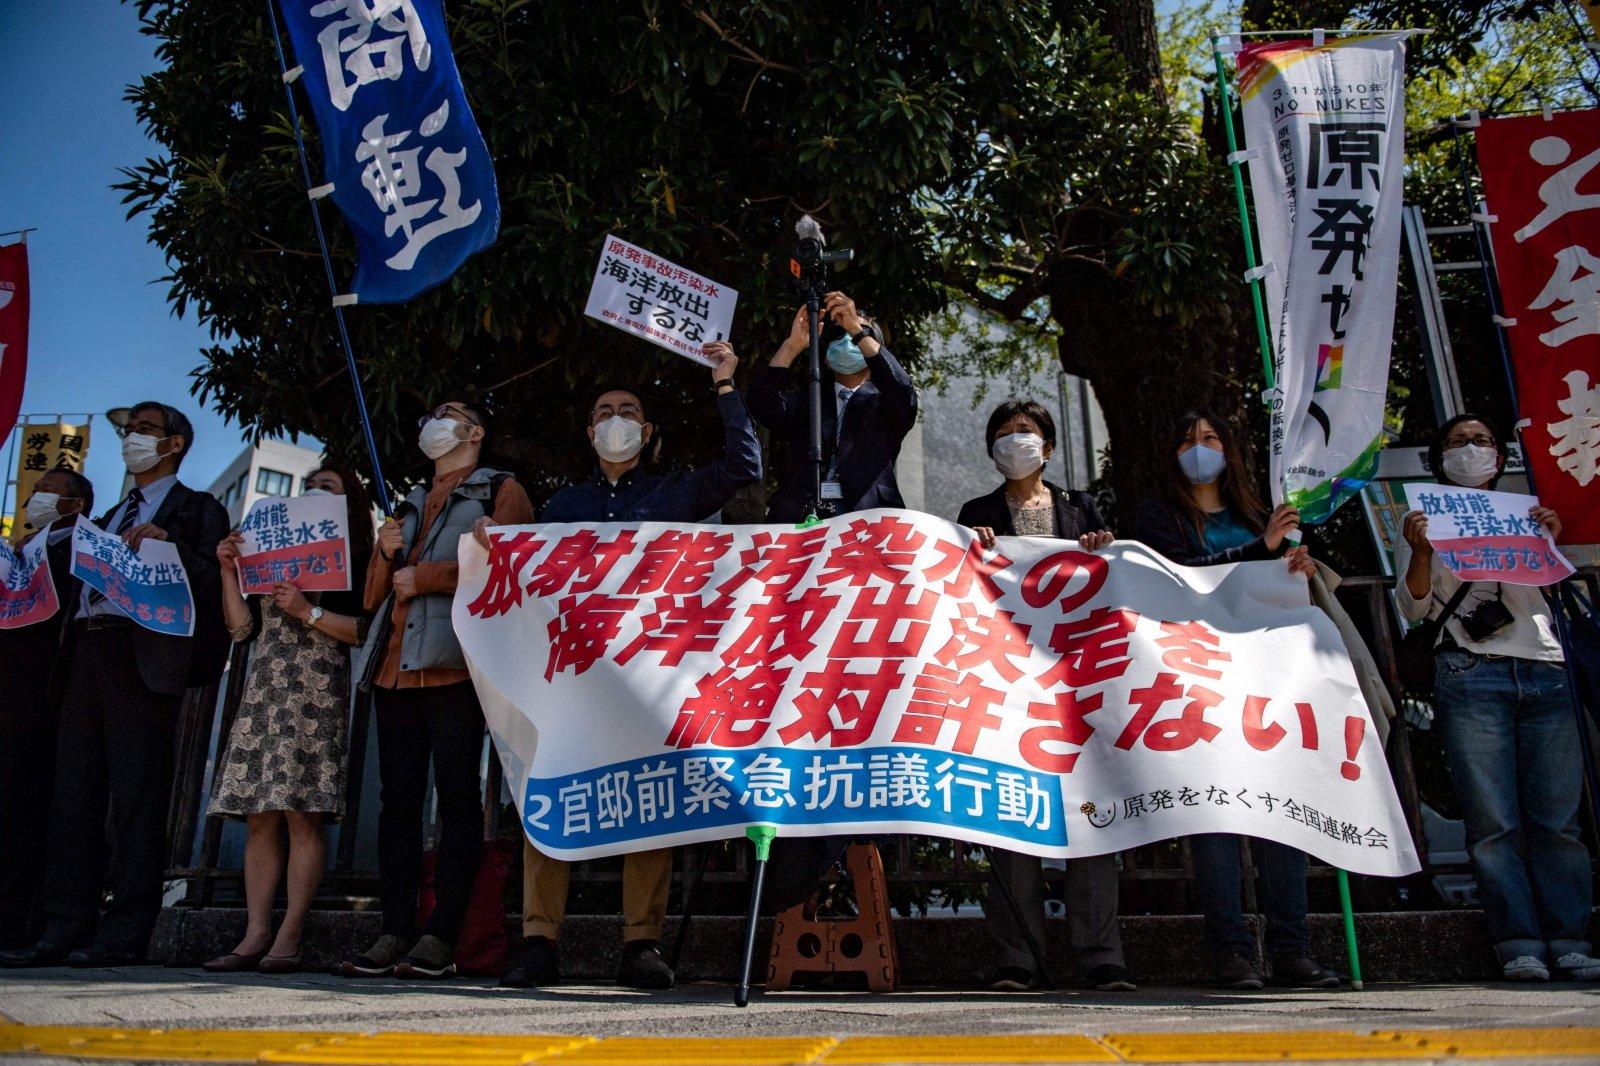 日本民眾在東京舉行集會,抗議將福島核污水排入大海的決定。(法新社)